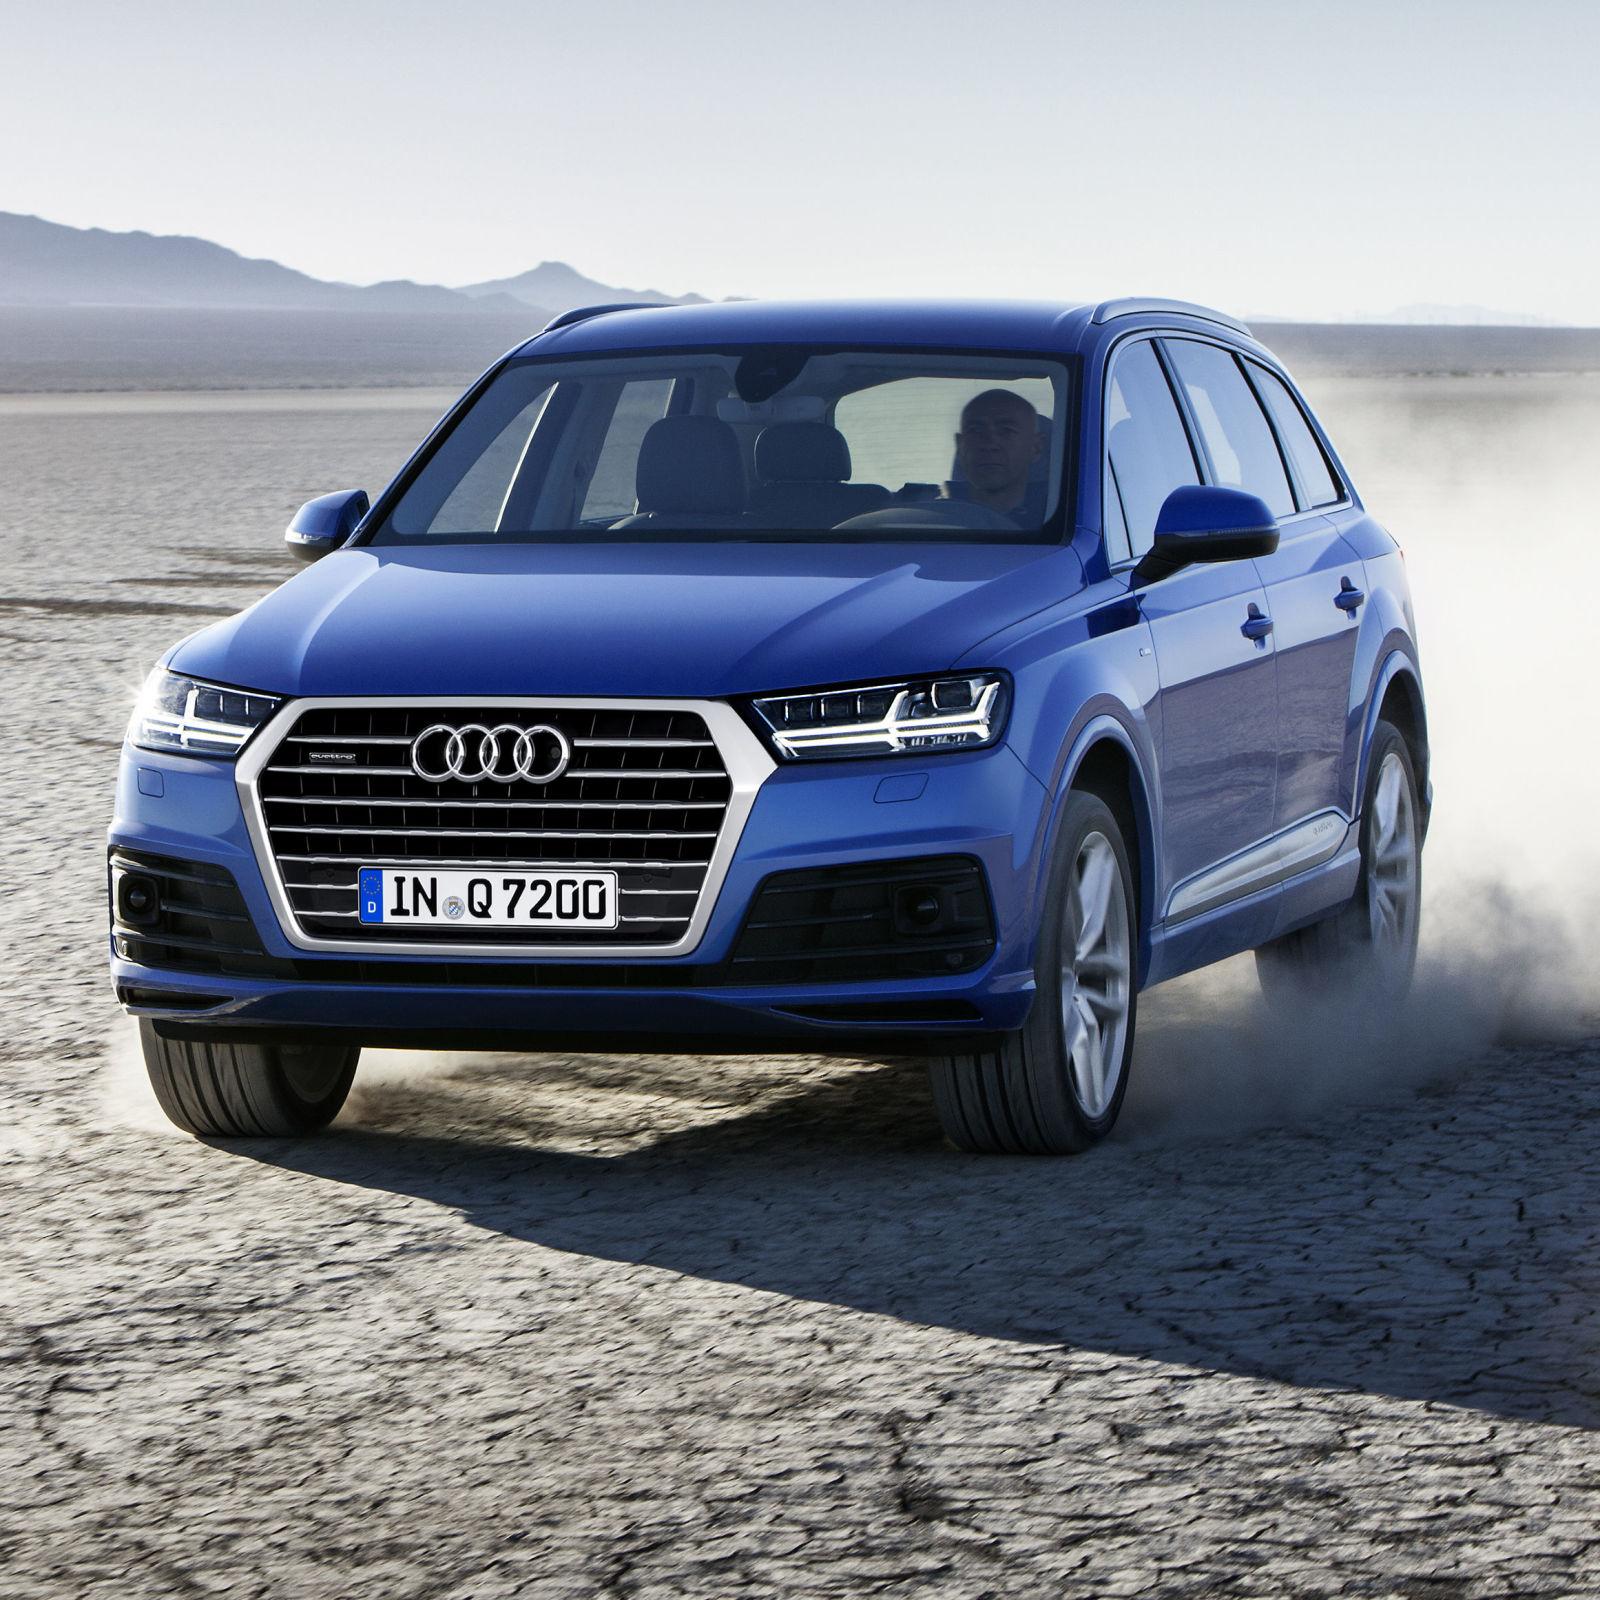 PHOTOS: 2016 Audi Q7